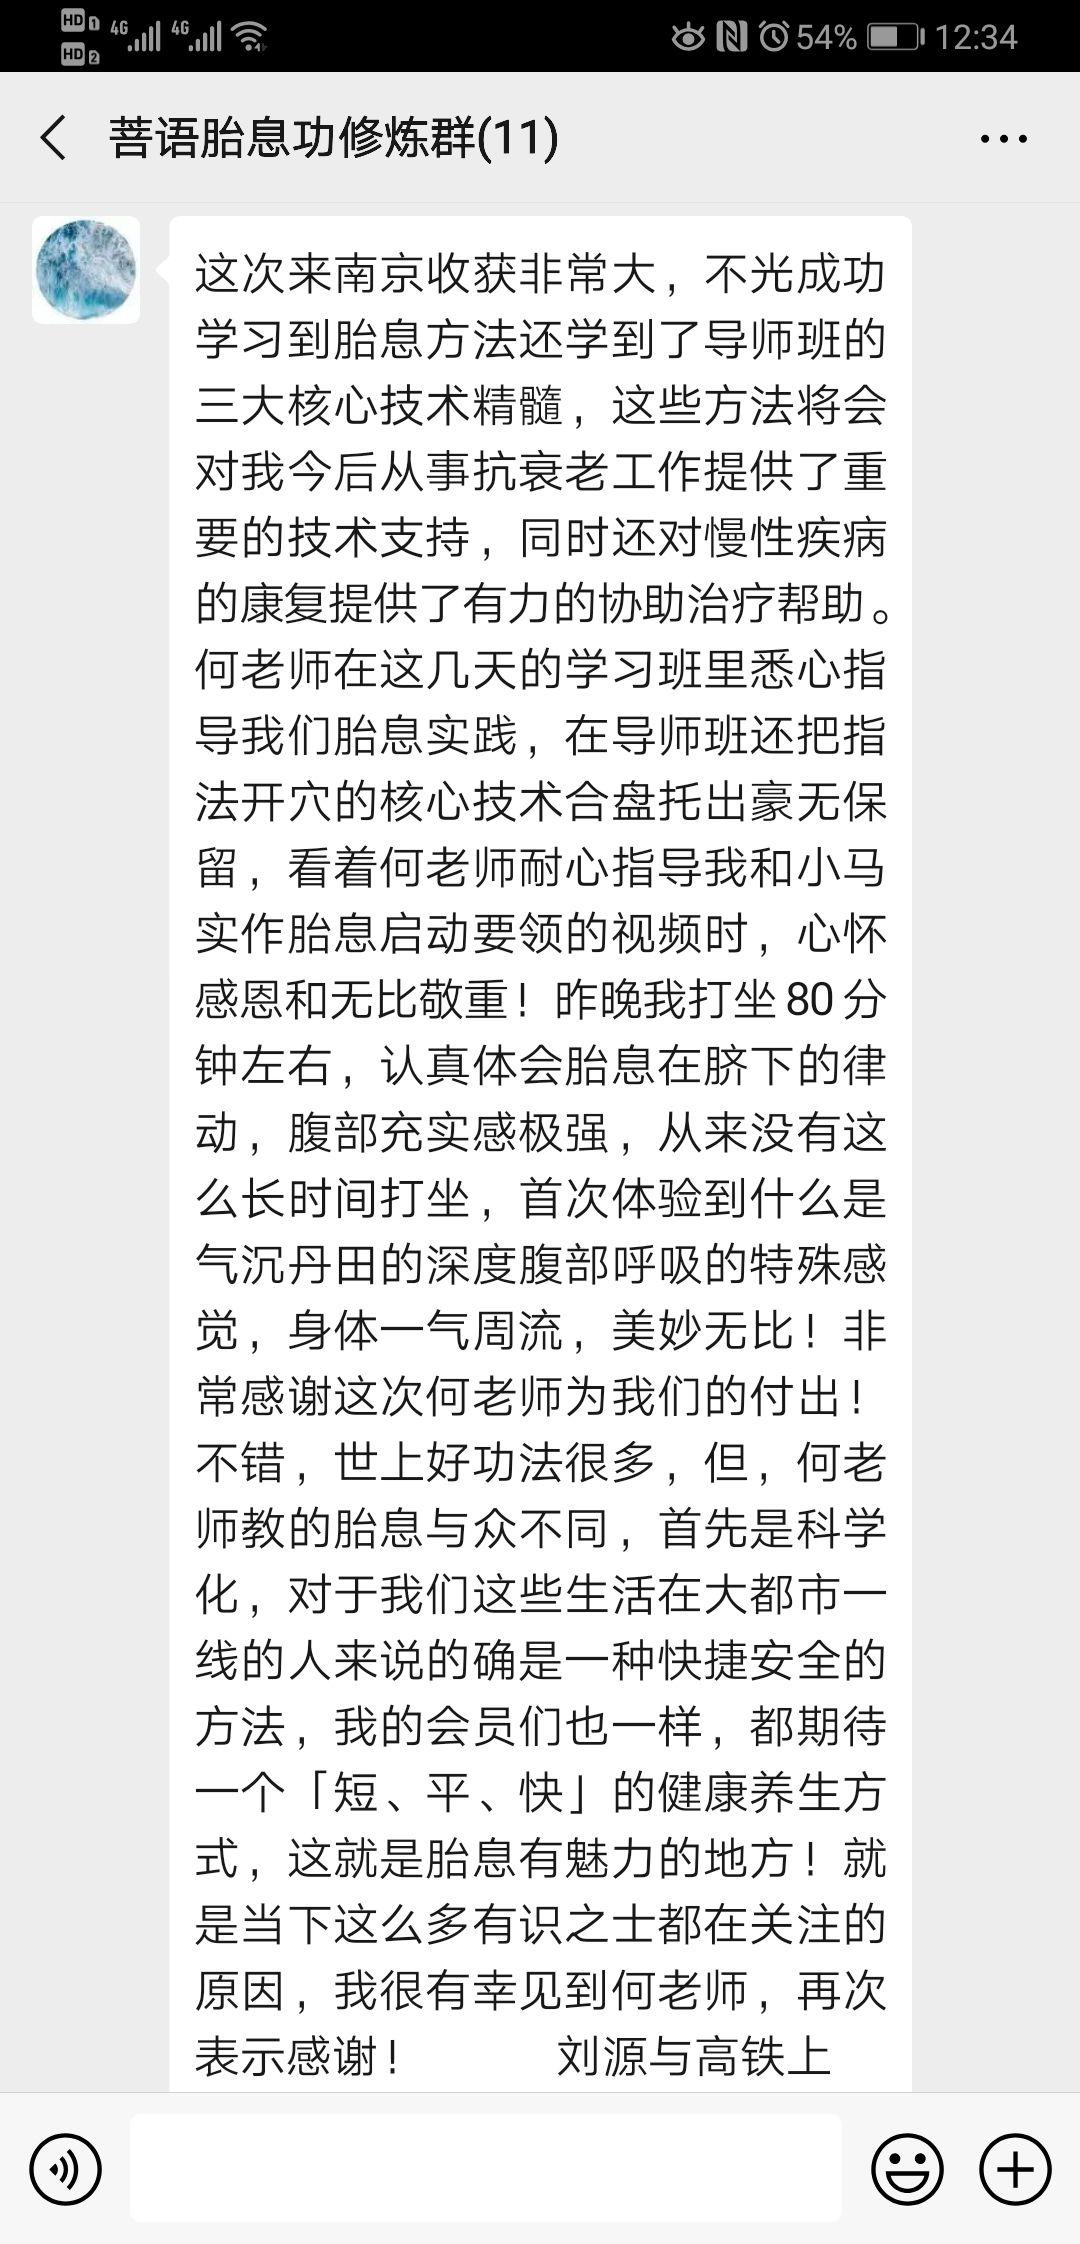 菩语胎息回生功法班·传承于道家千年养生之法 11月开班